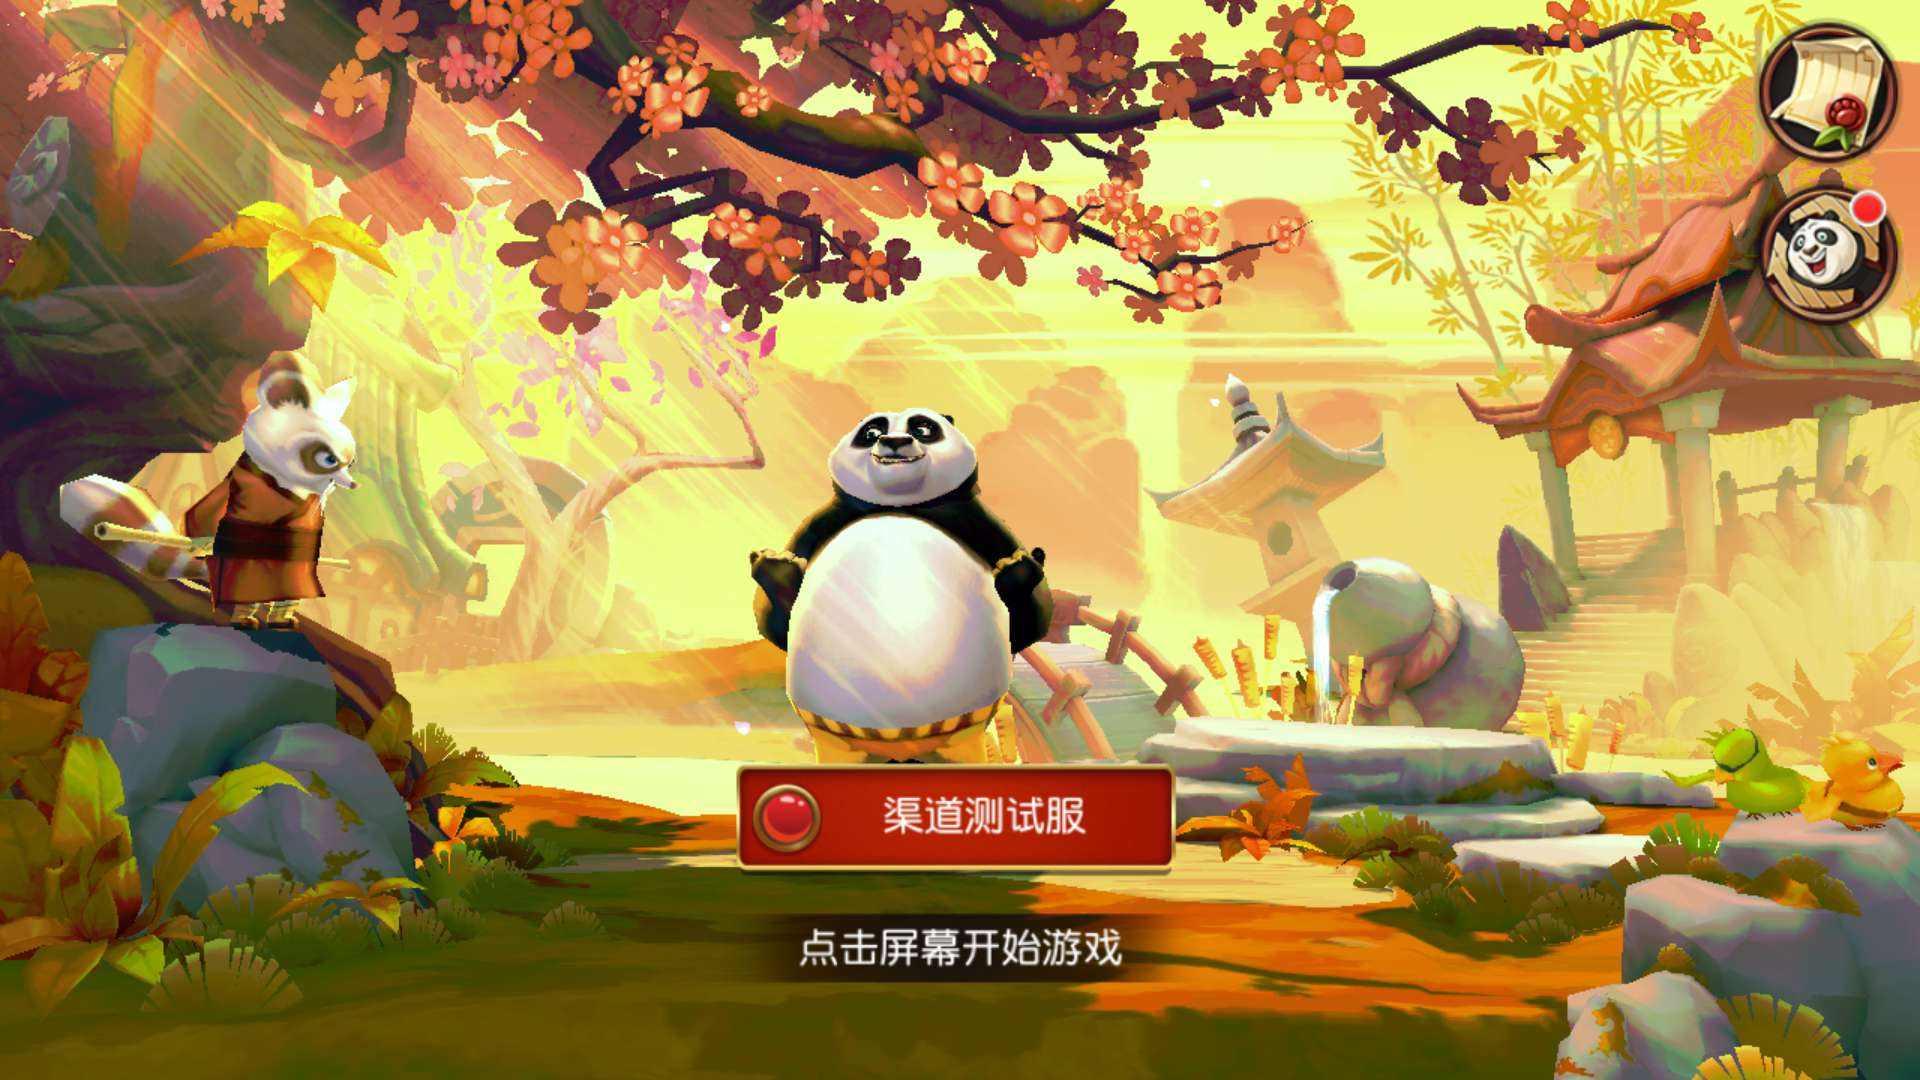 功夫熊猫游戏大全